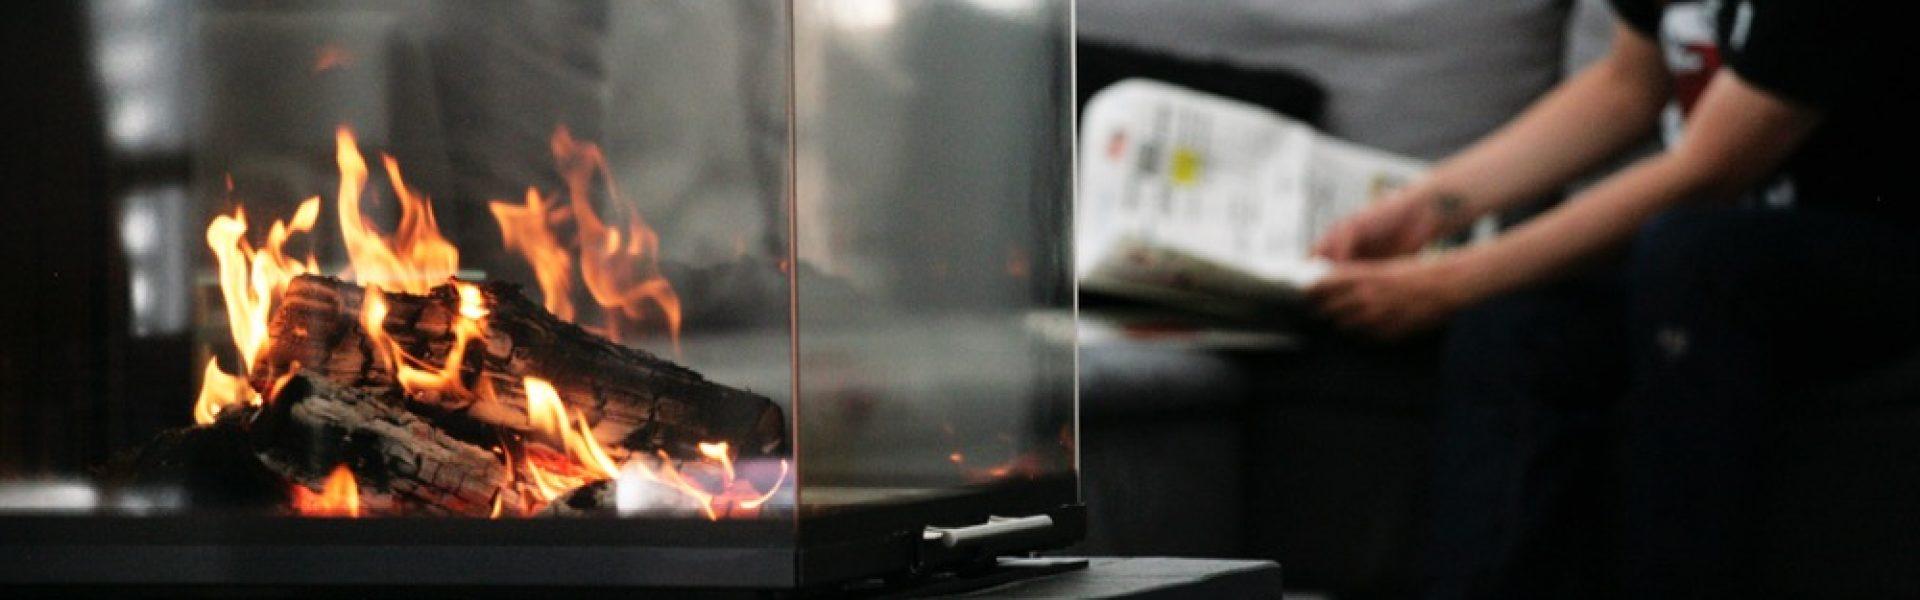 Werkstätten für Ofenbau